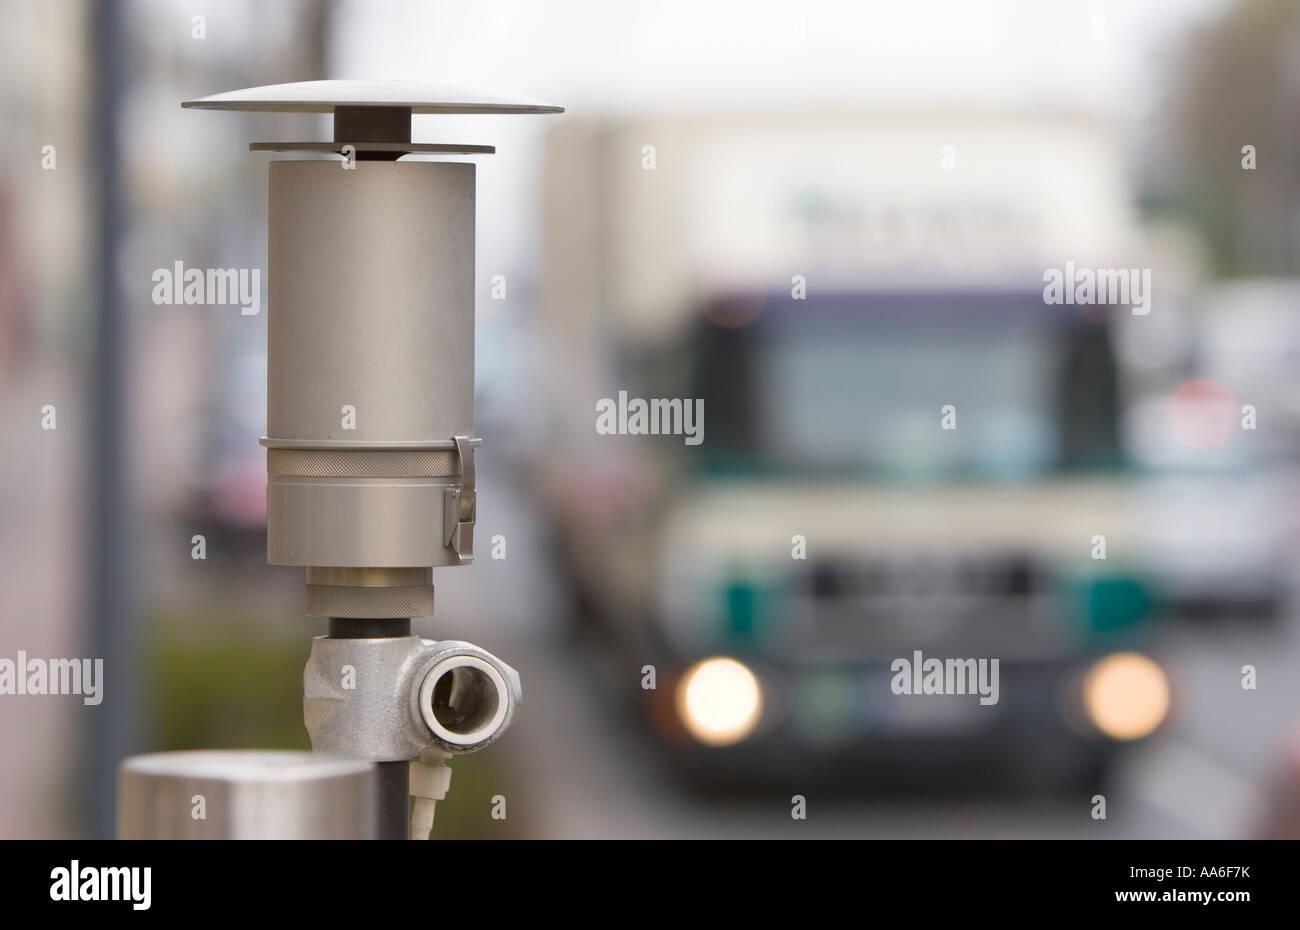 Air Monitoring Stock Photos & Air Monitoring Stock Images